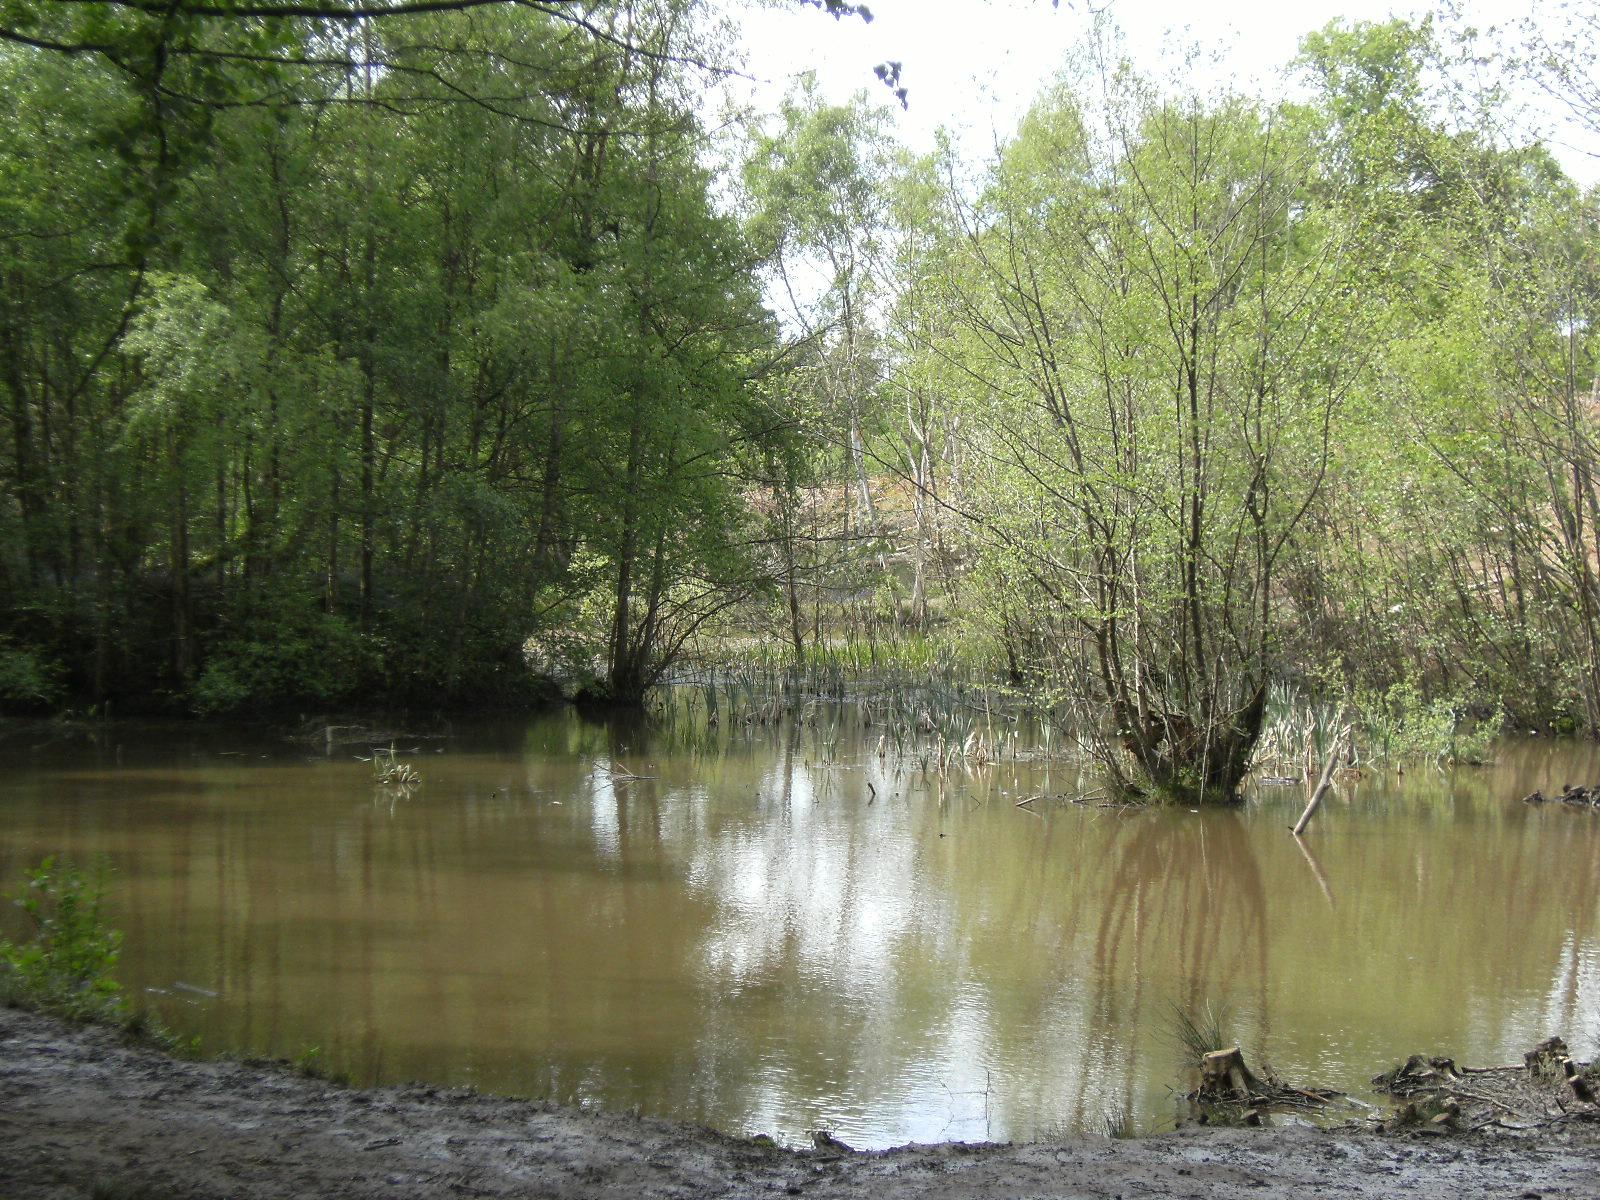 DSCF7845 Decoy Pond, Broadwater Warren